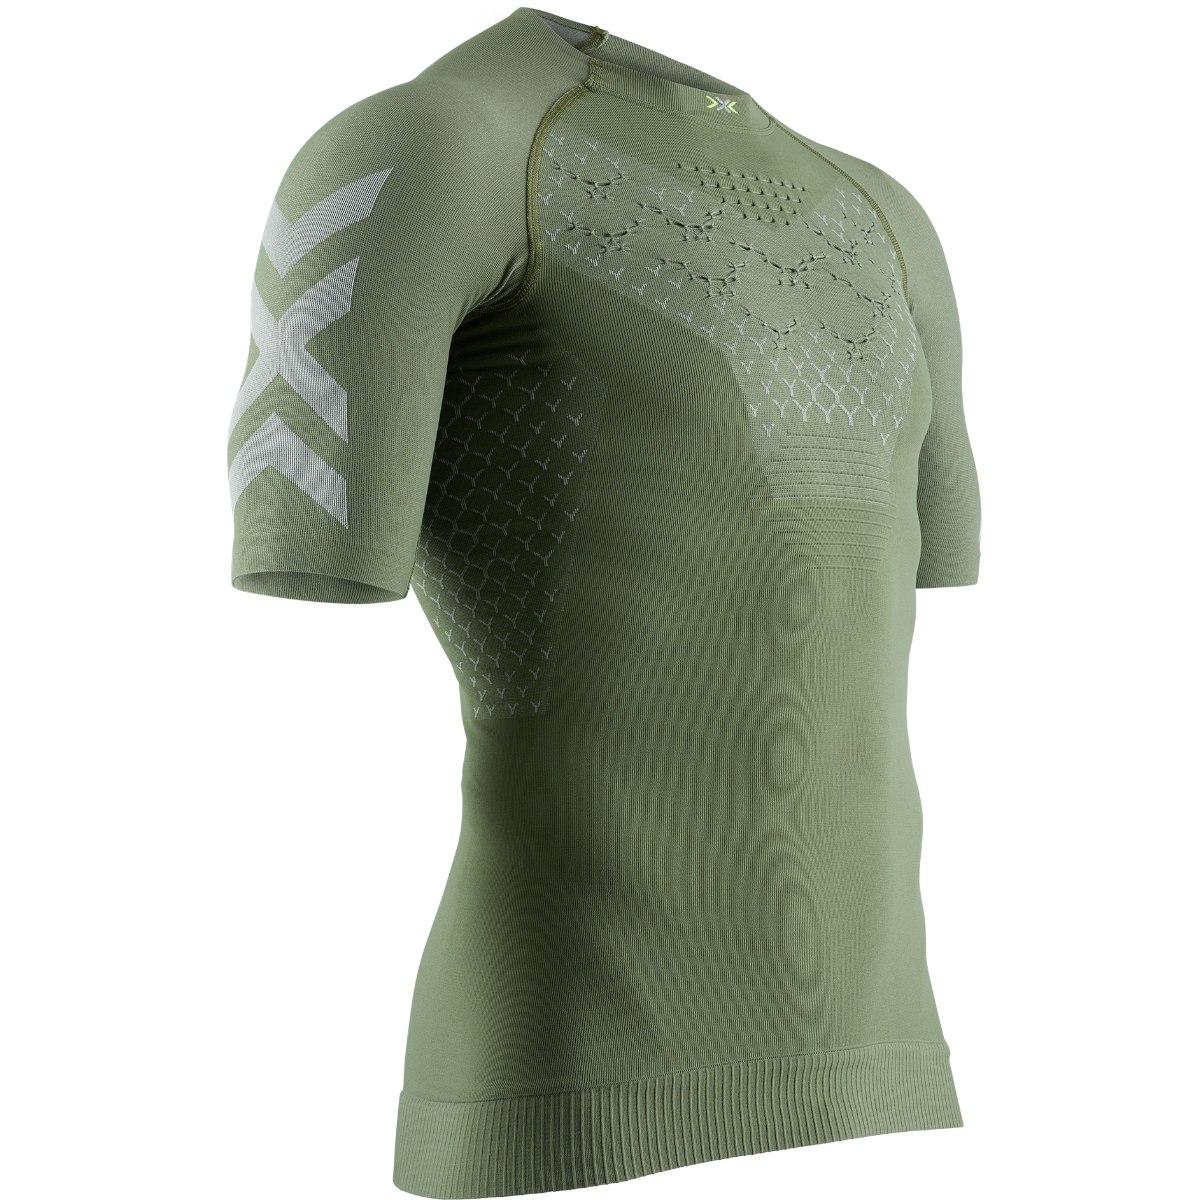 X-Bionic TWYCE 4.0 Run Kurzarm-Laufshirt für Herren - olive green/dolomite grey